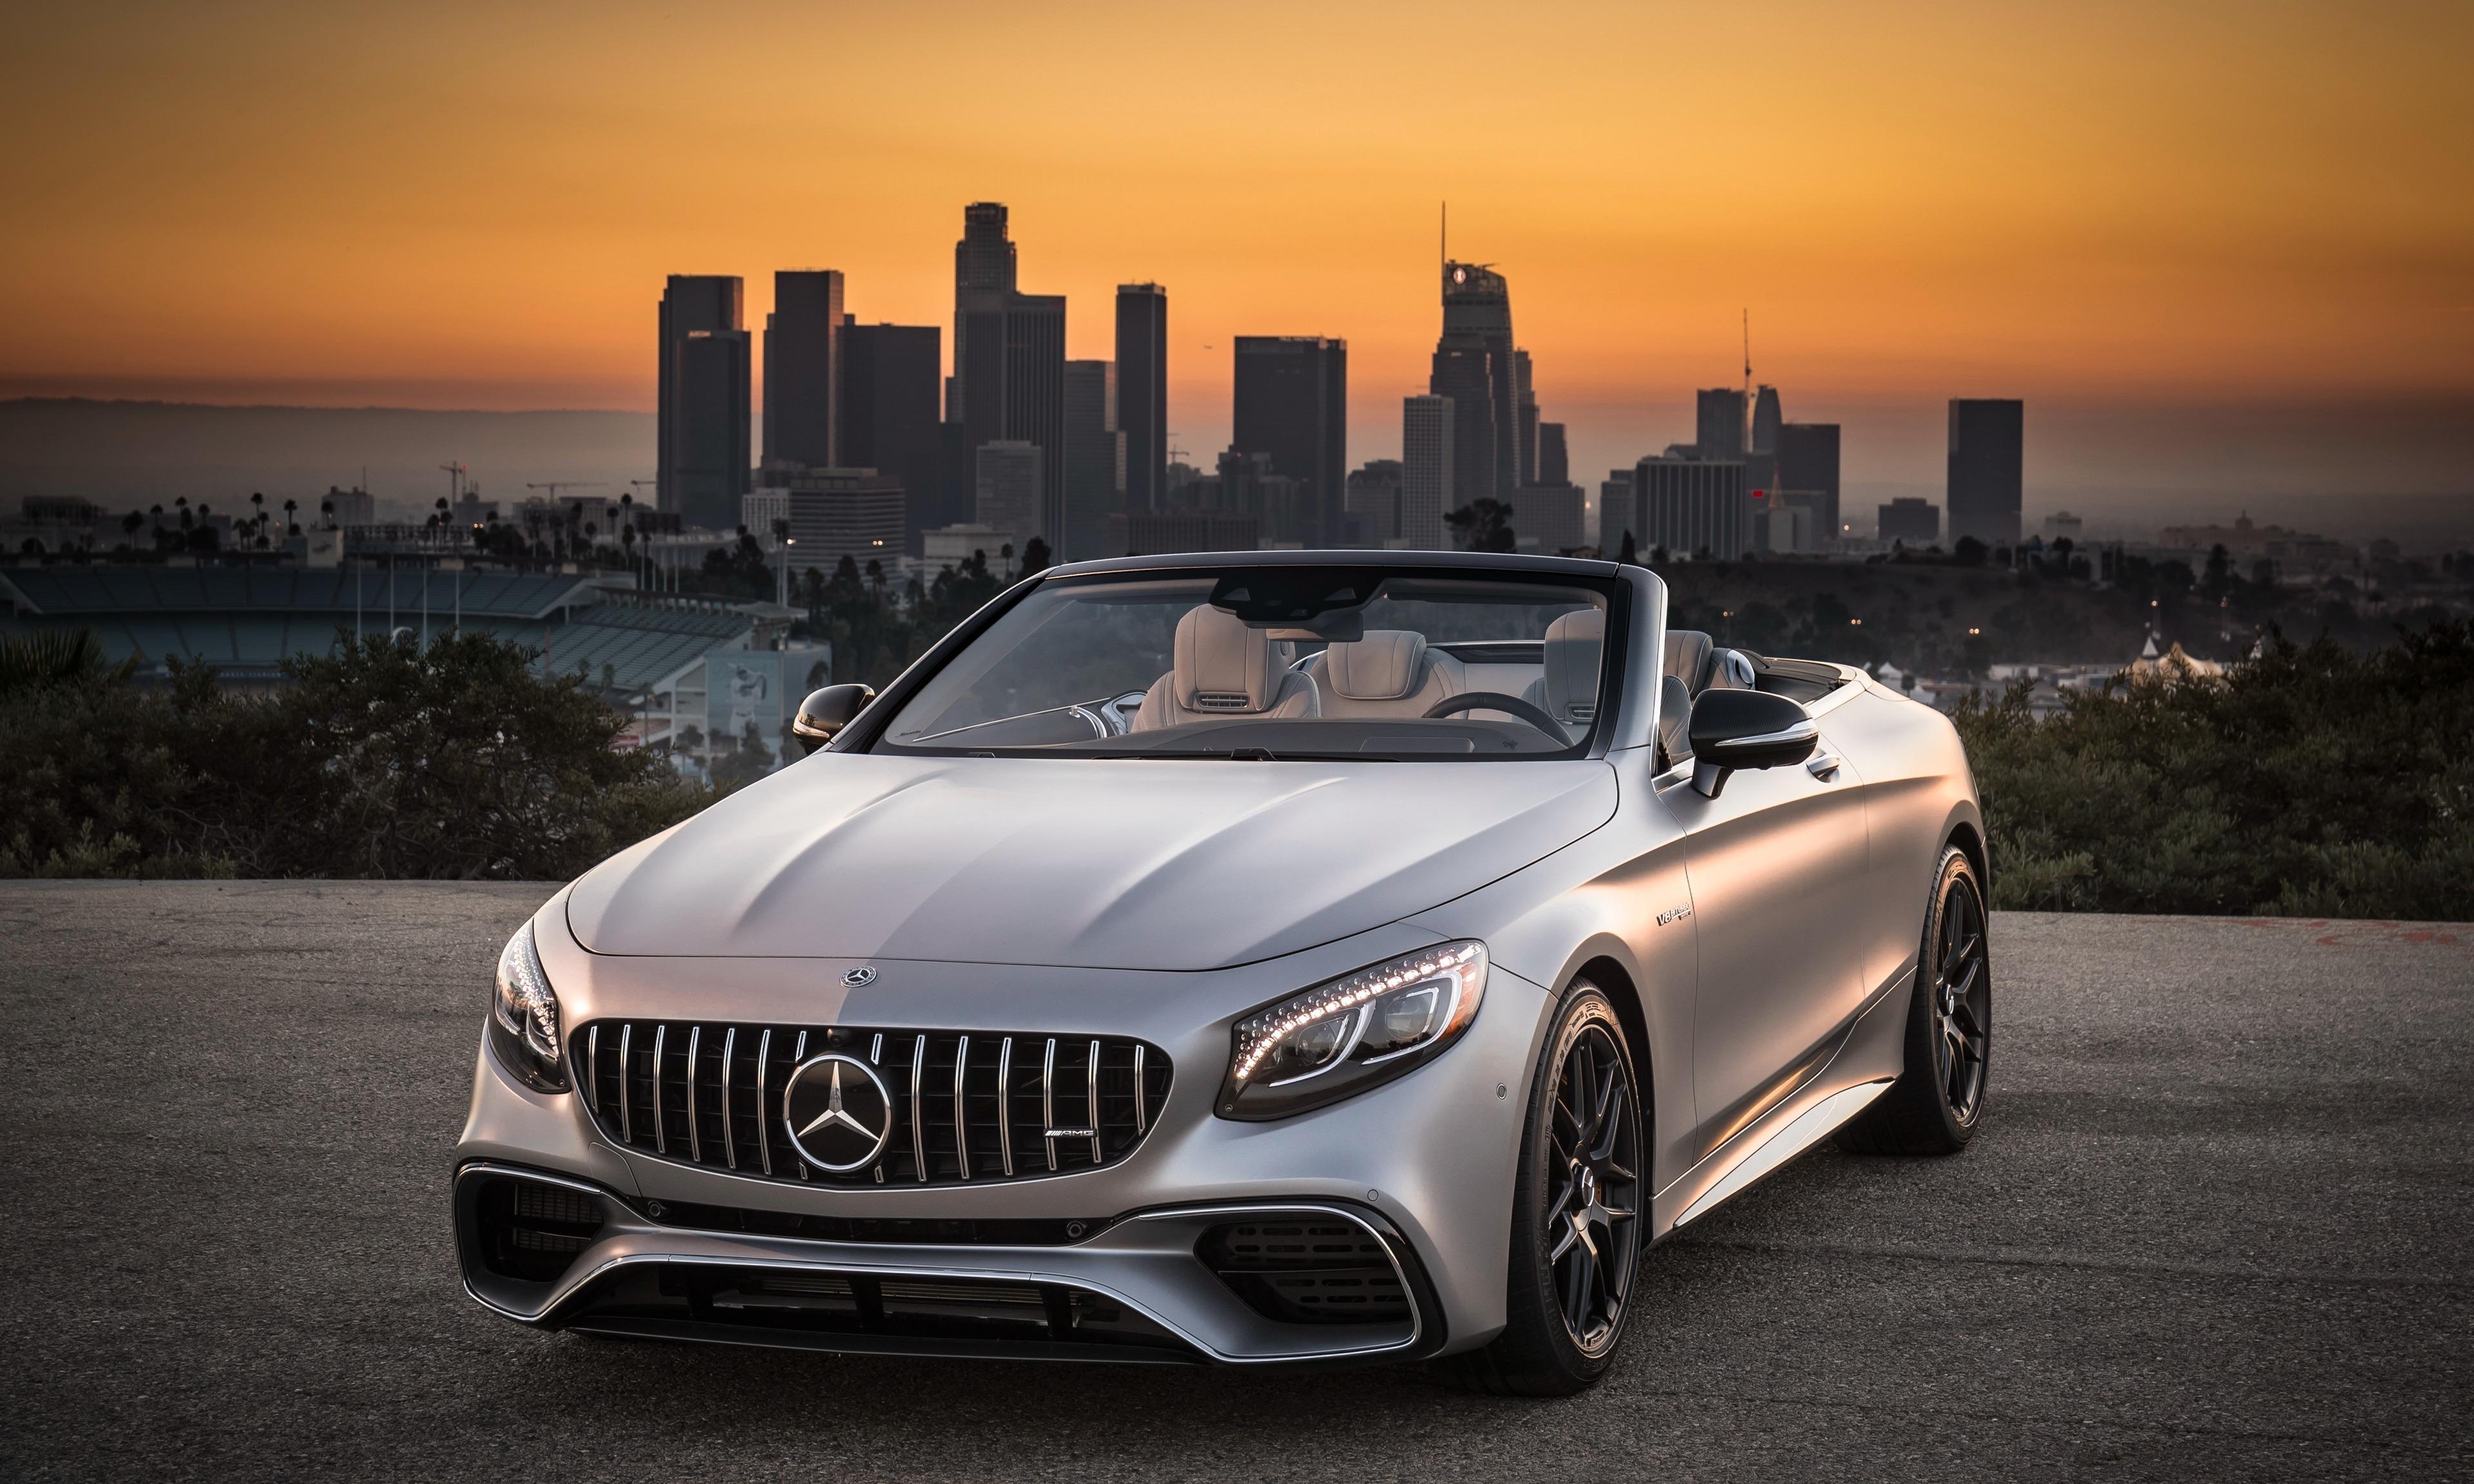 Mercedes-AMG S63 4MATIC Cabriolet, sports car, 3840x2400 wallpaper